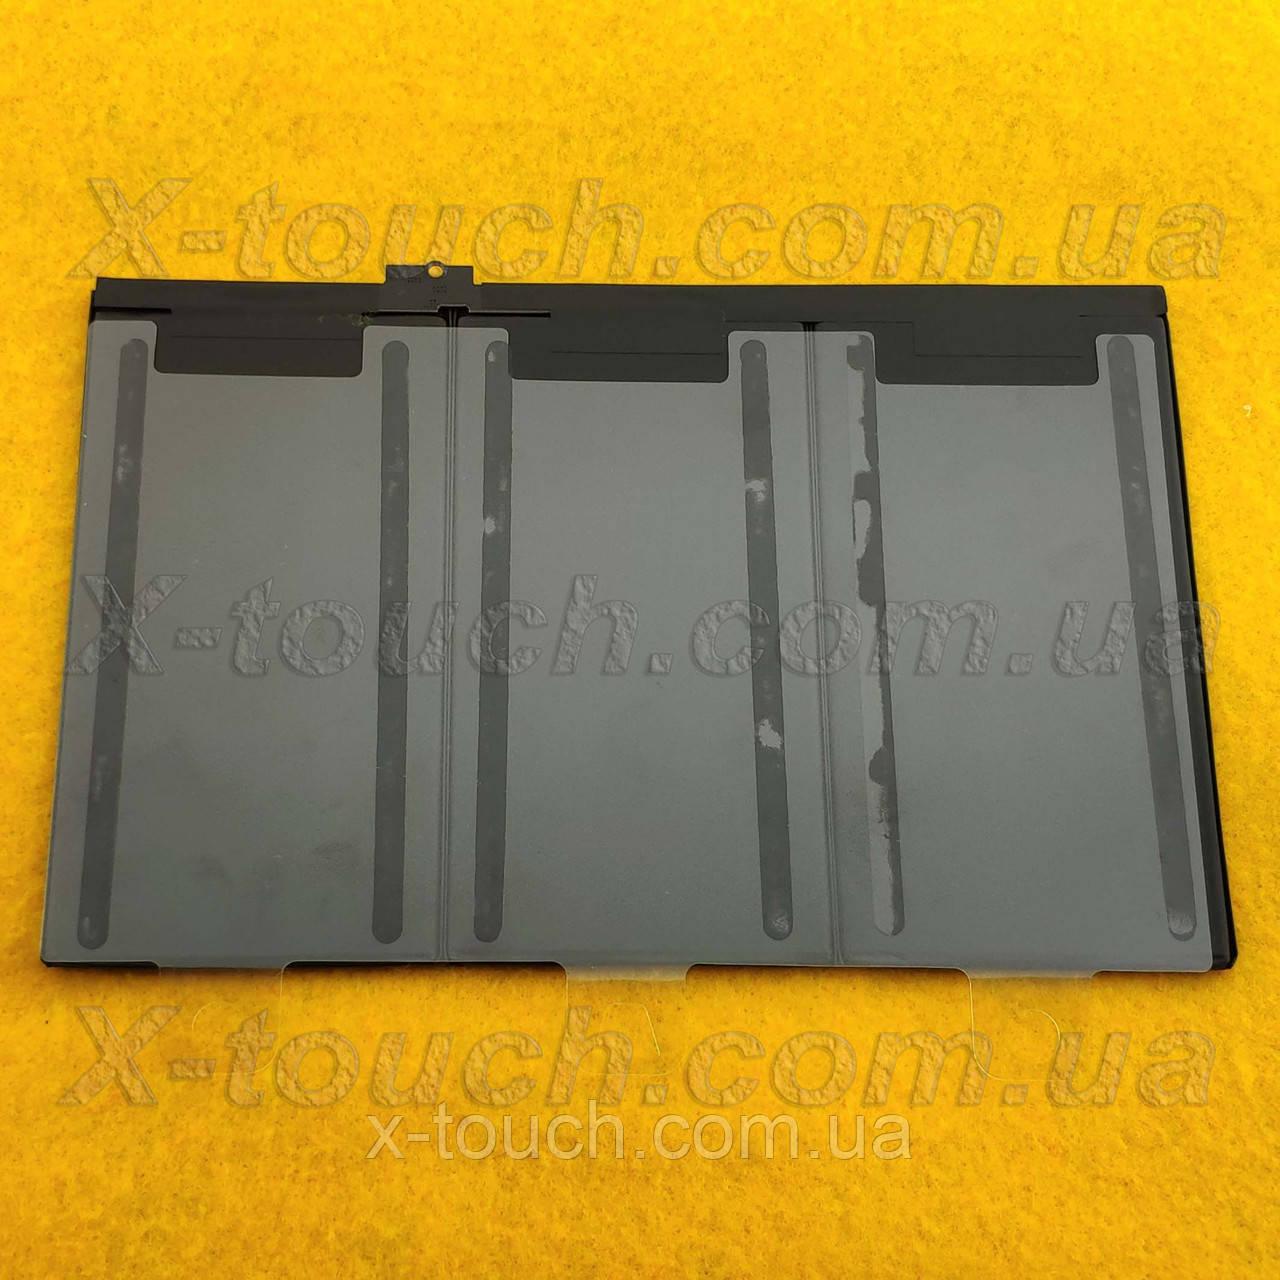 Акумулятор, батарея Apple Ipad3, Ipad4 / A1416/A1430/A1403/A1459/A1460 для планшета 11500mAh.